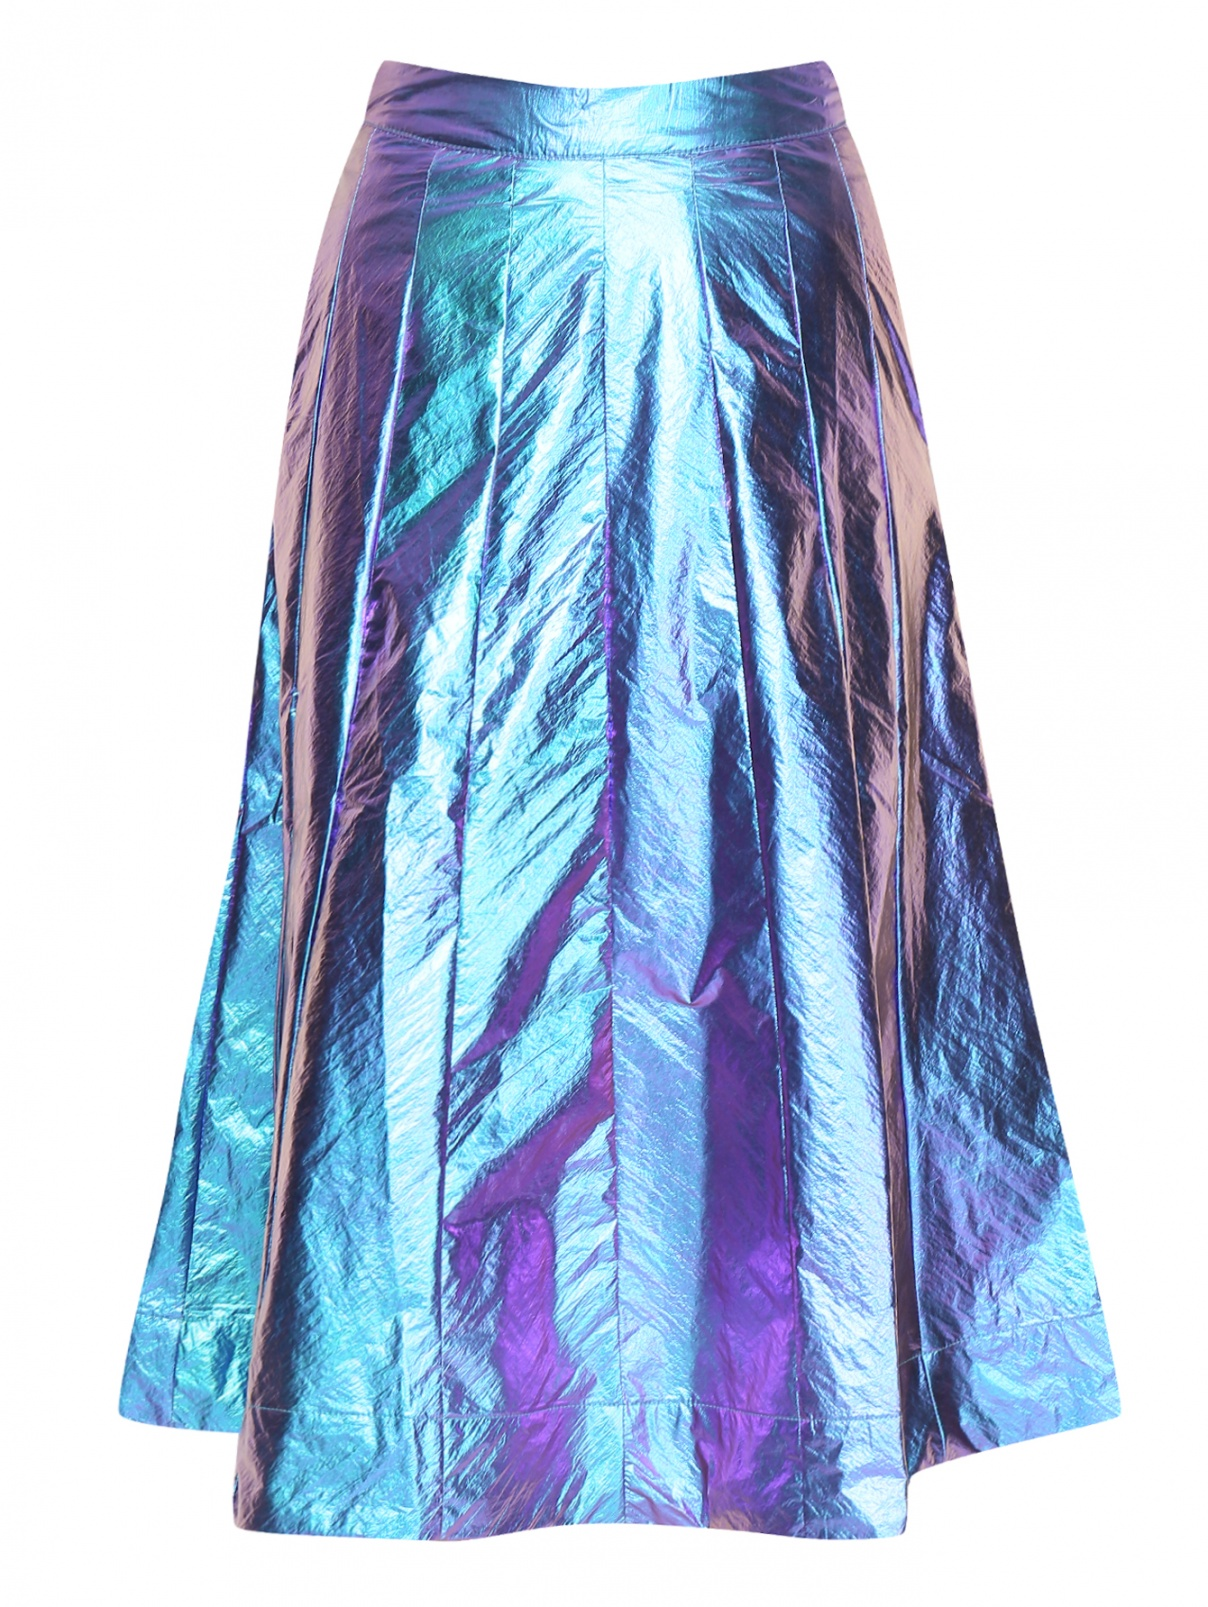 Юбка миди с покрытием металлик Essentiel Antwerp  –  Общий вид  – Цвет:  Фиолетовый